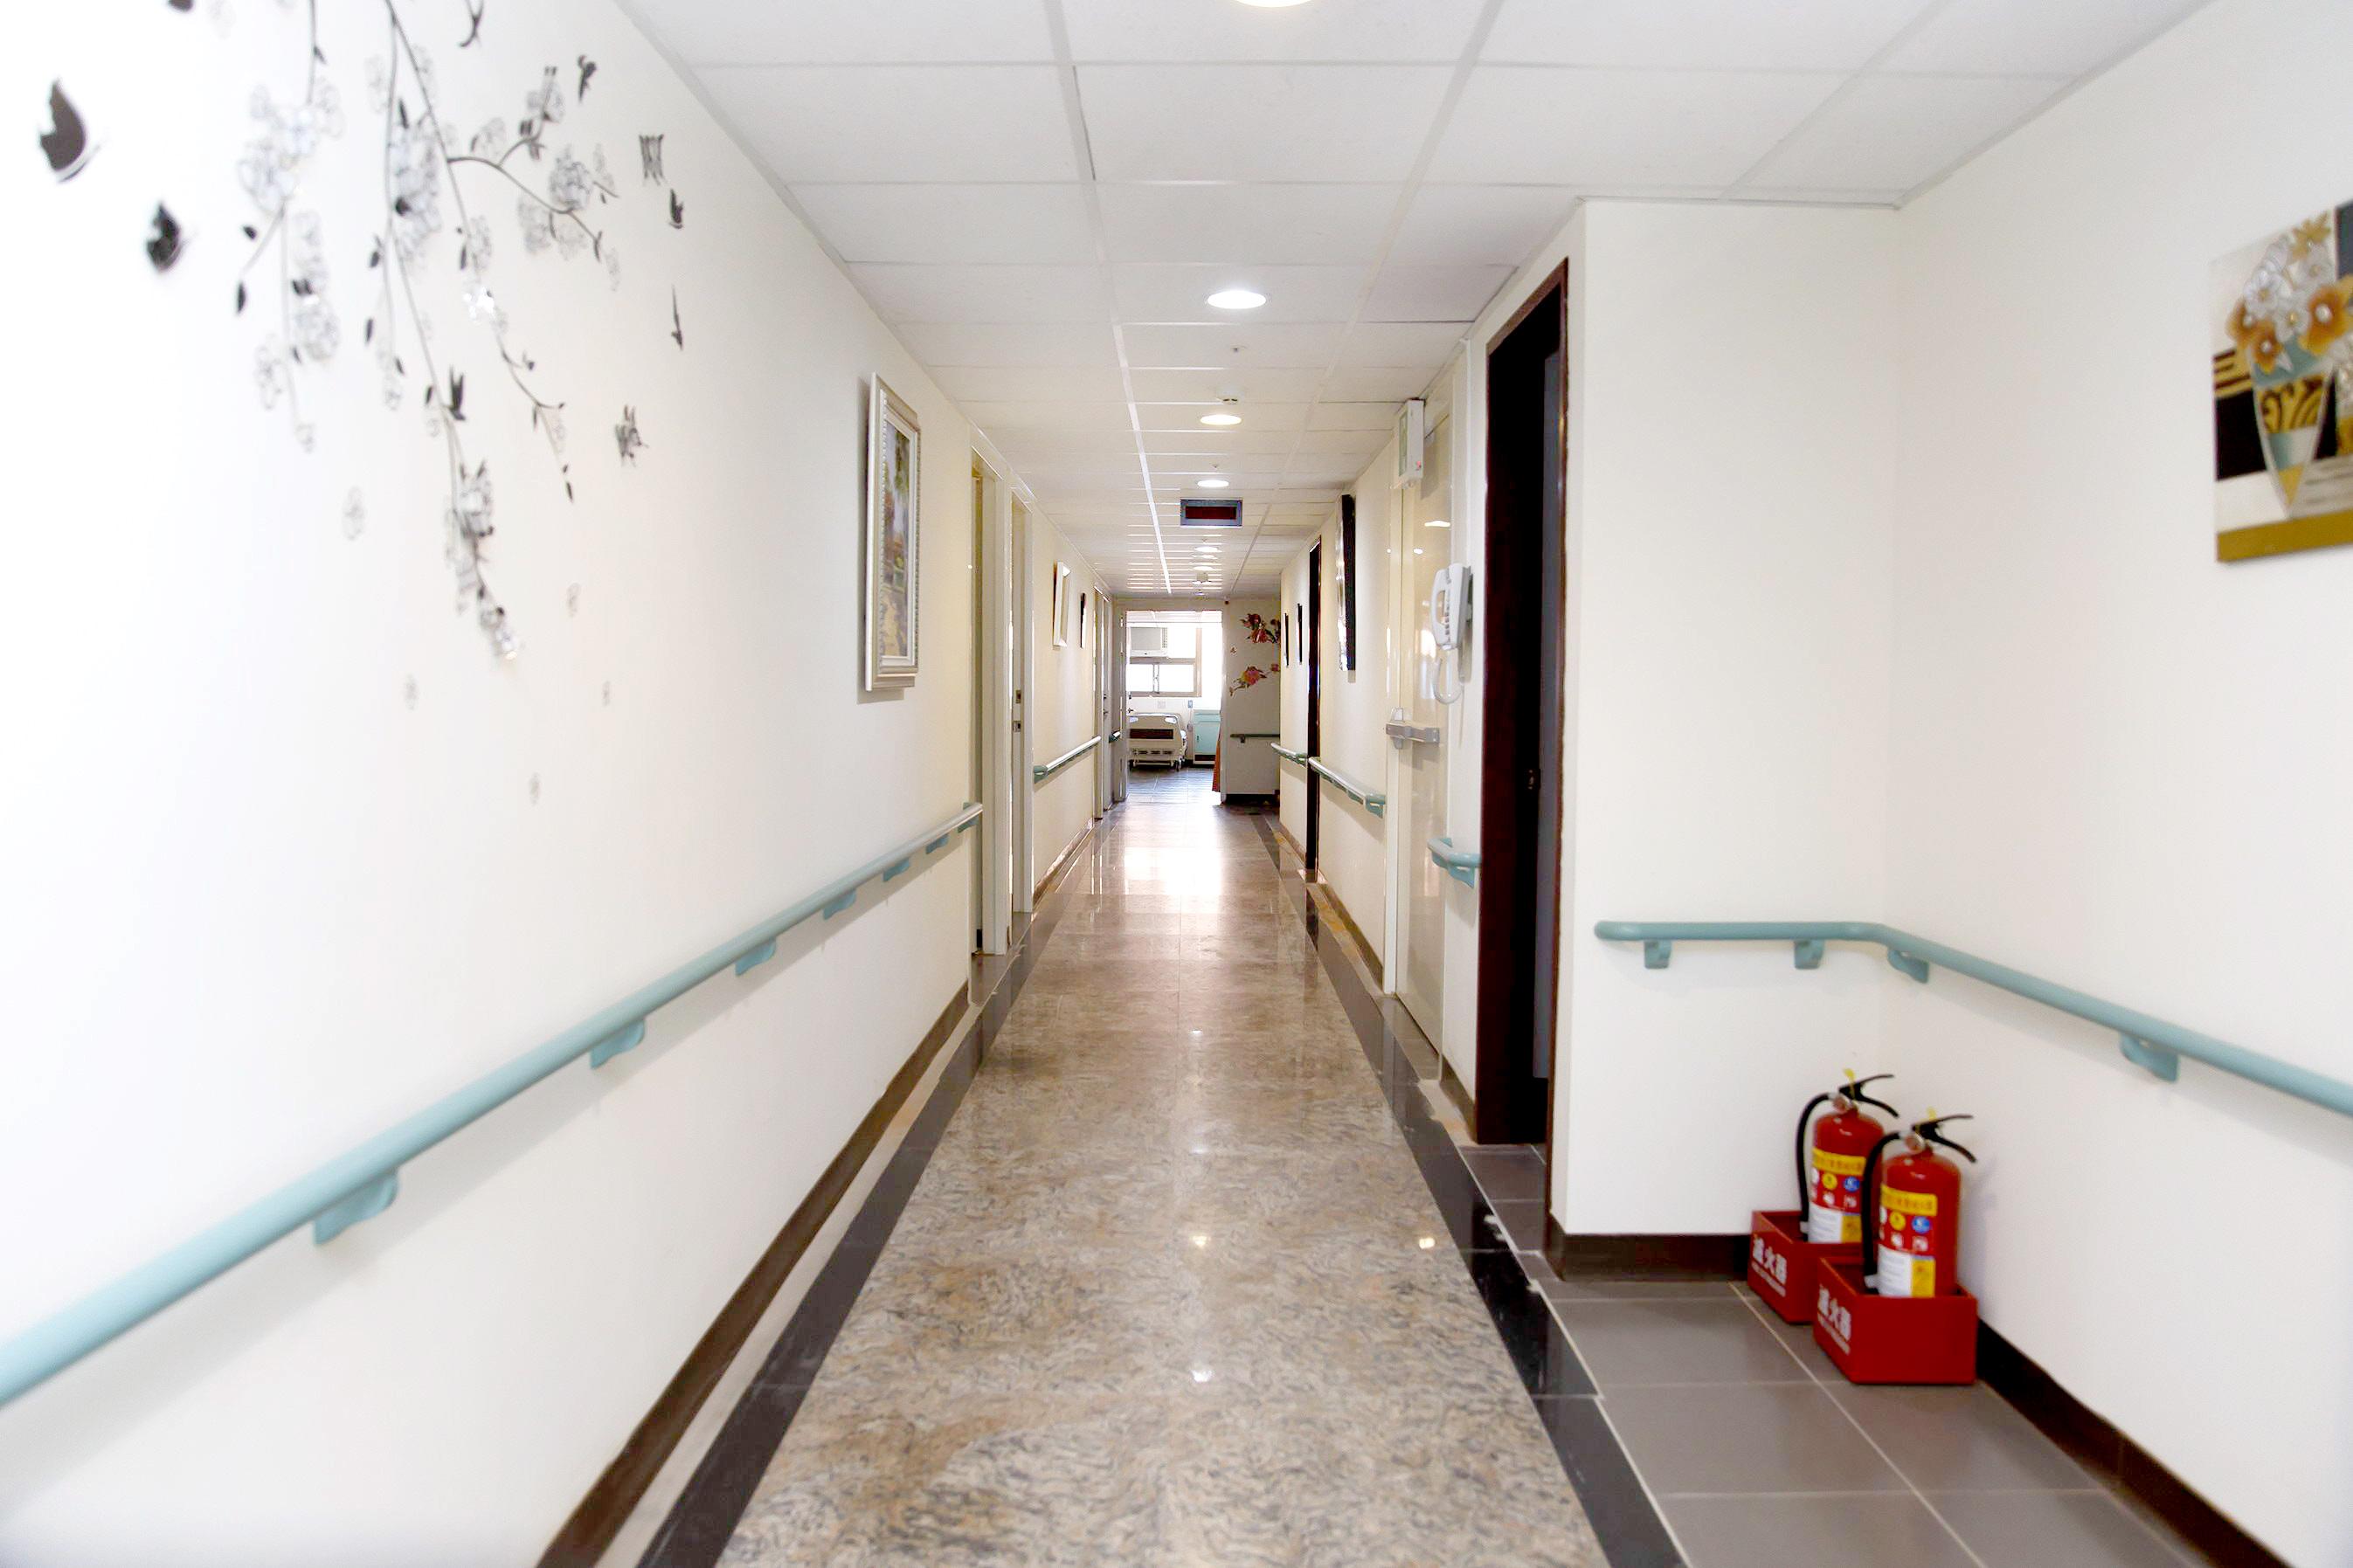 桃園市南雅護理之家-走廊1